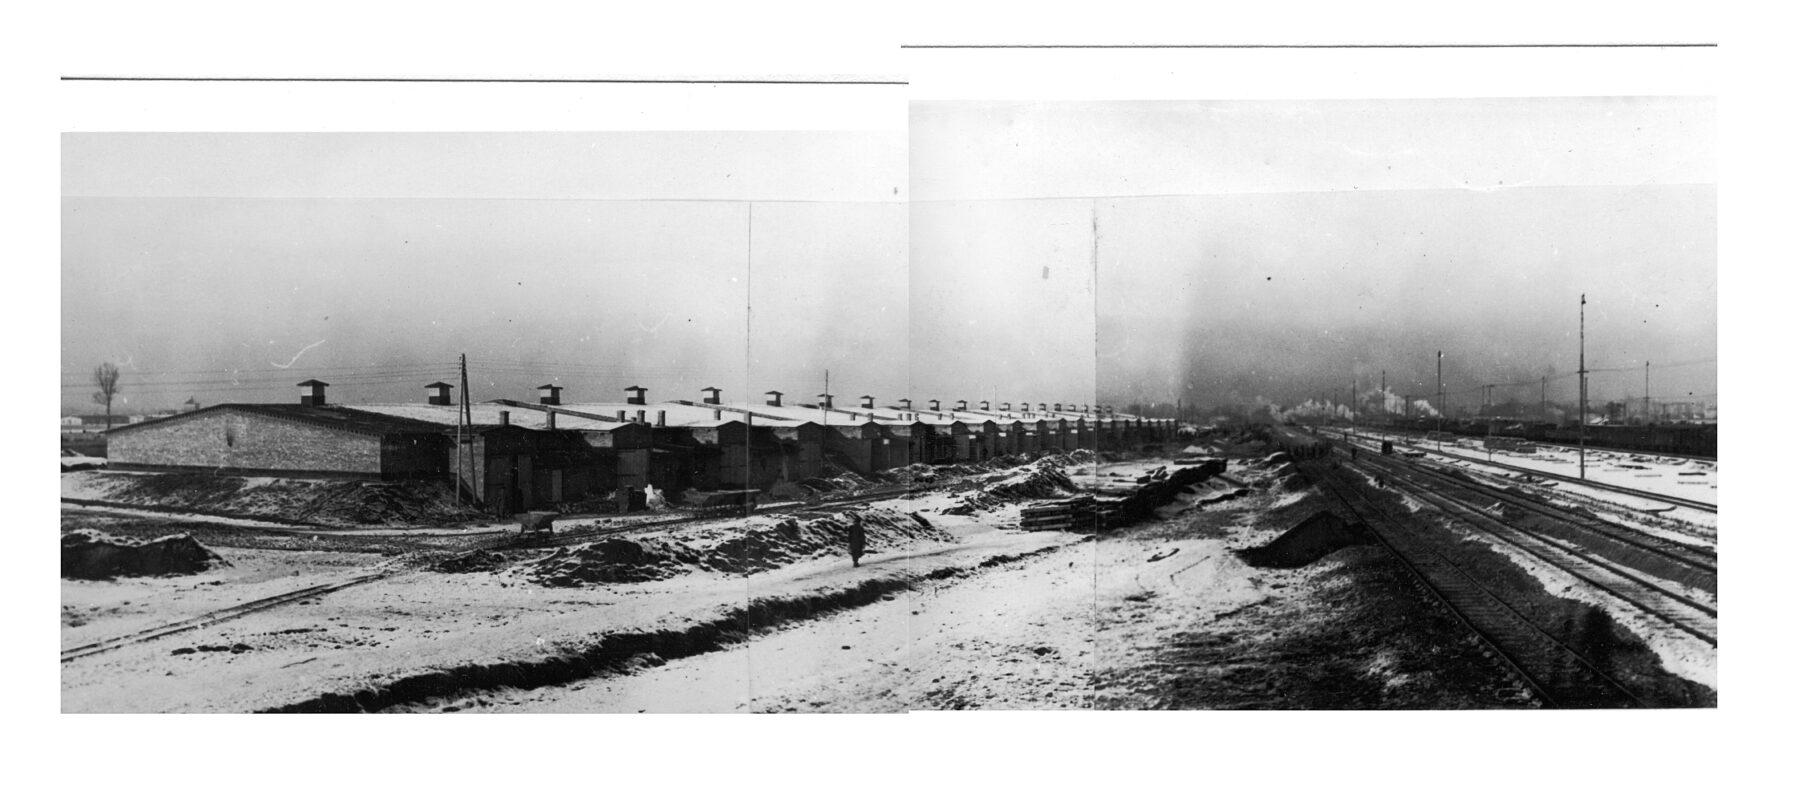 Links de Kartoffelbarakken. In het midden de toekomstige Bahnhof West en Judenrampe. 1943. Collectie: Archiwum Państwowe w Katowicach Oddział w Oświęcimiu